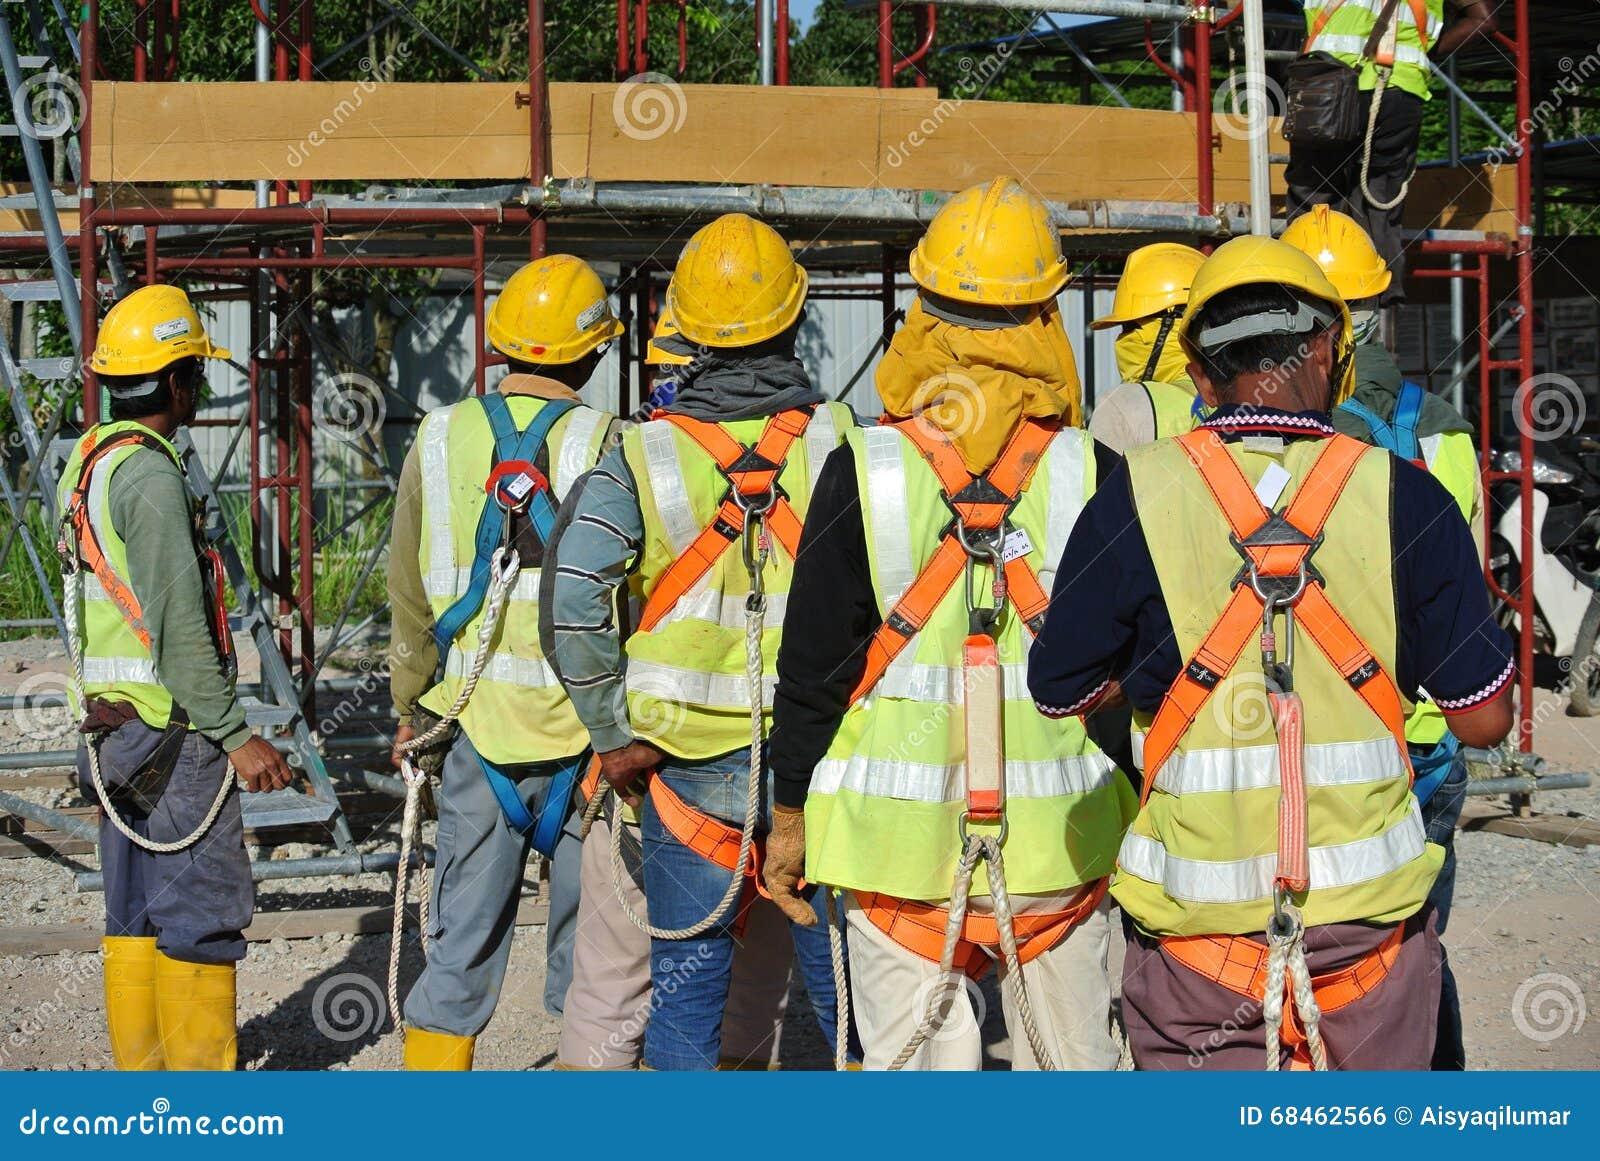 小组建筑工人聚集在露天场所